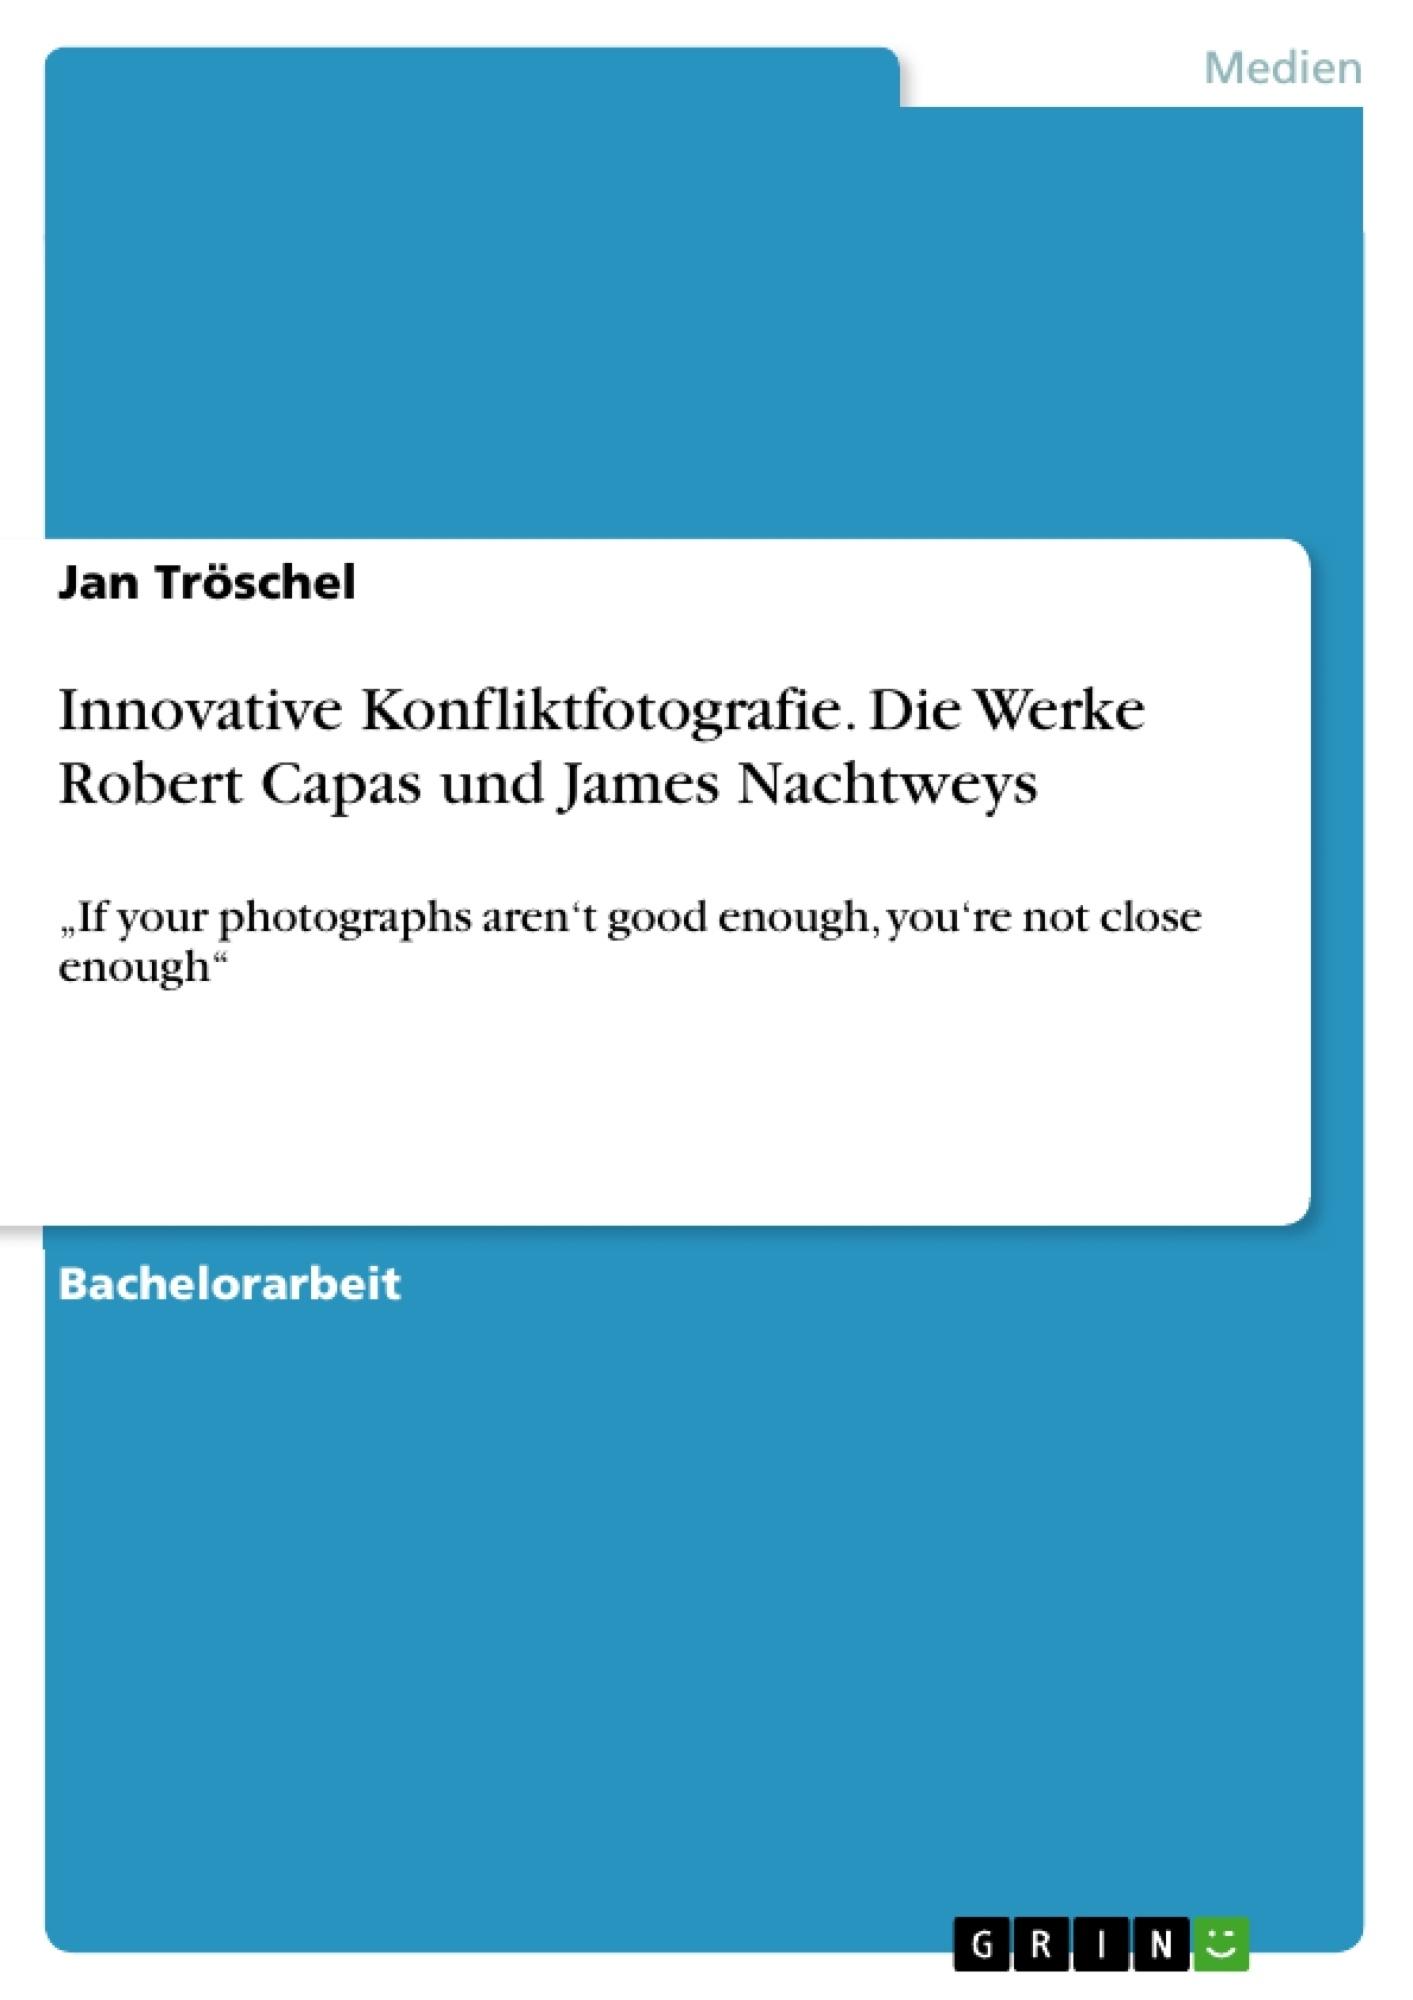 Titel: Innovative Konfliktfotografie. Die Werke Robert Capas und James Nachtweys